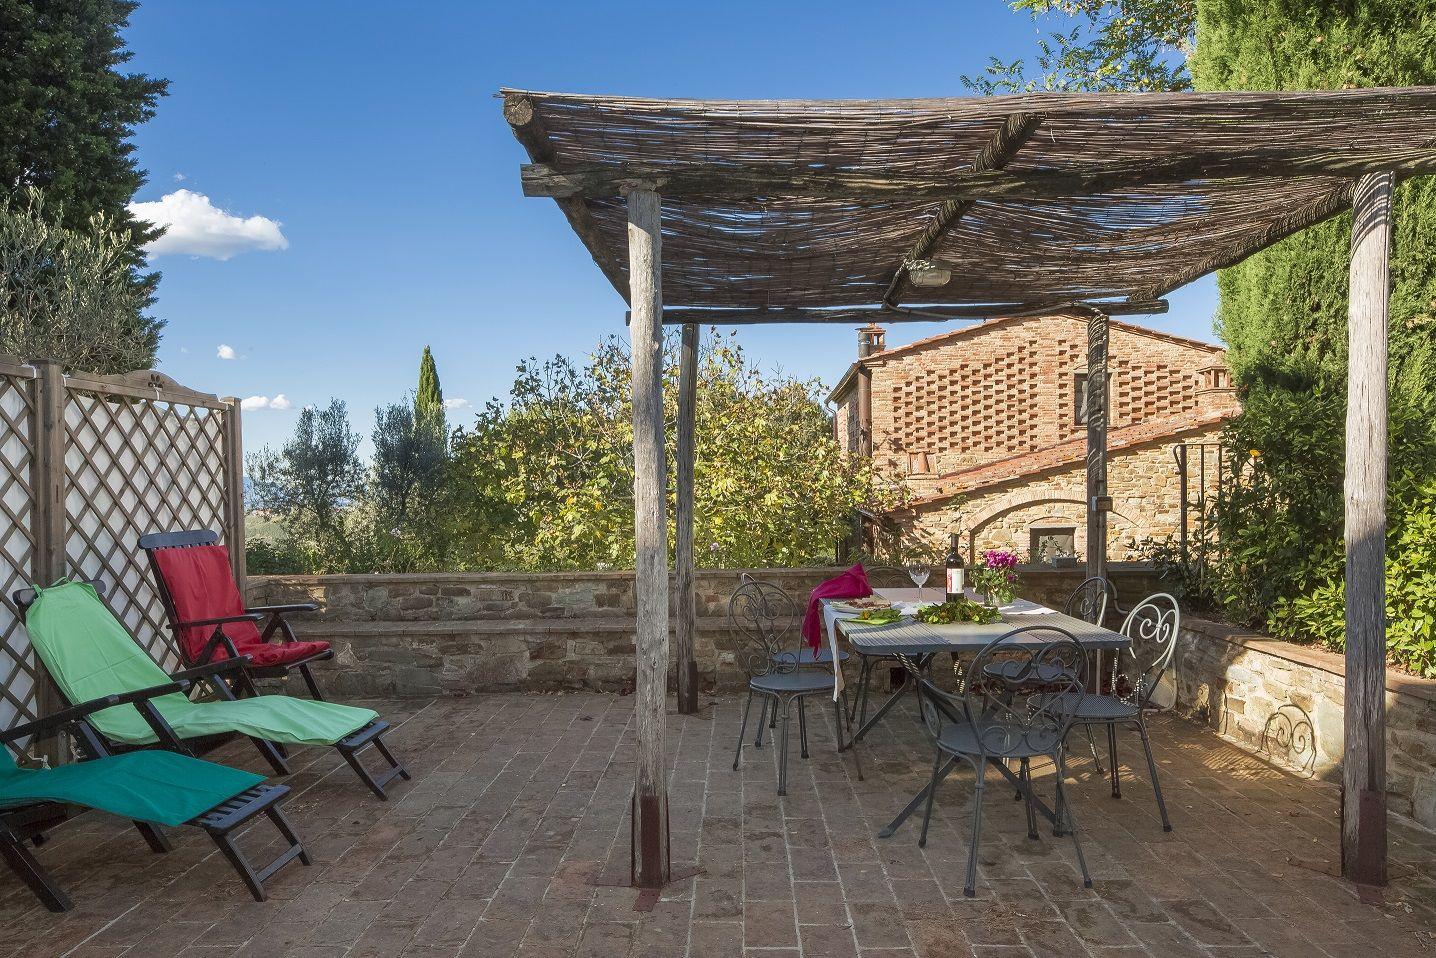 Apartment Podere La Casetta - Granaio Holiday Home photo 18289893